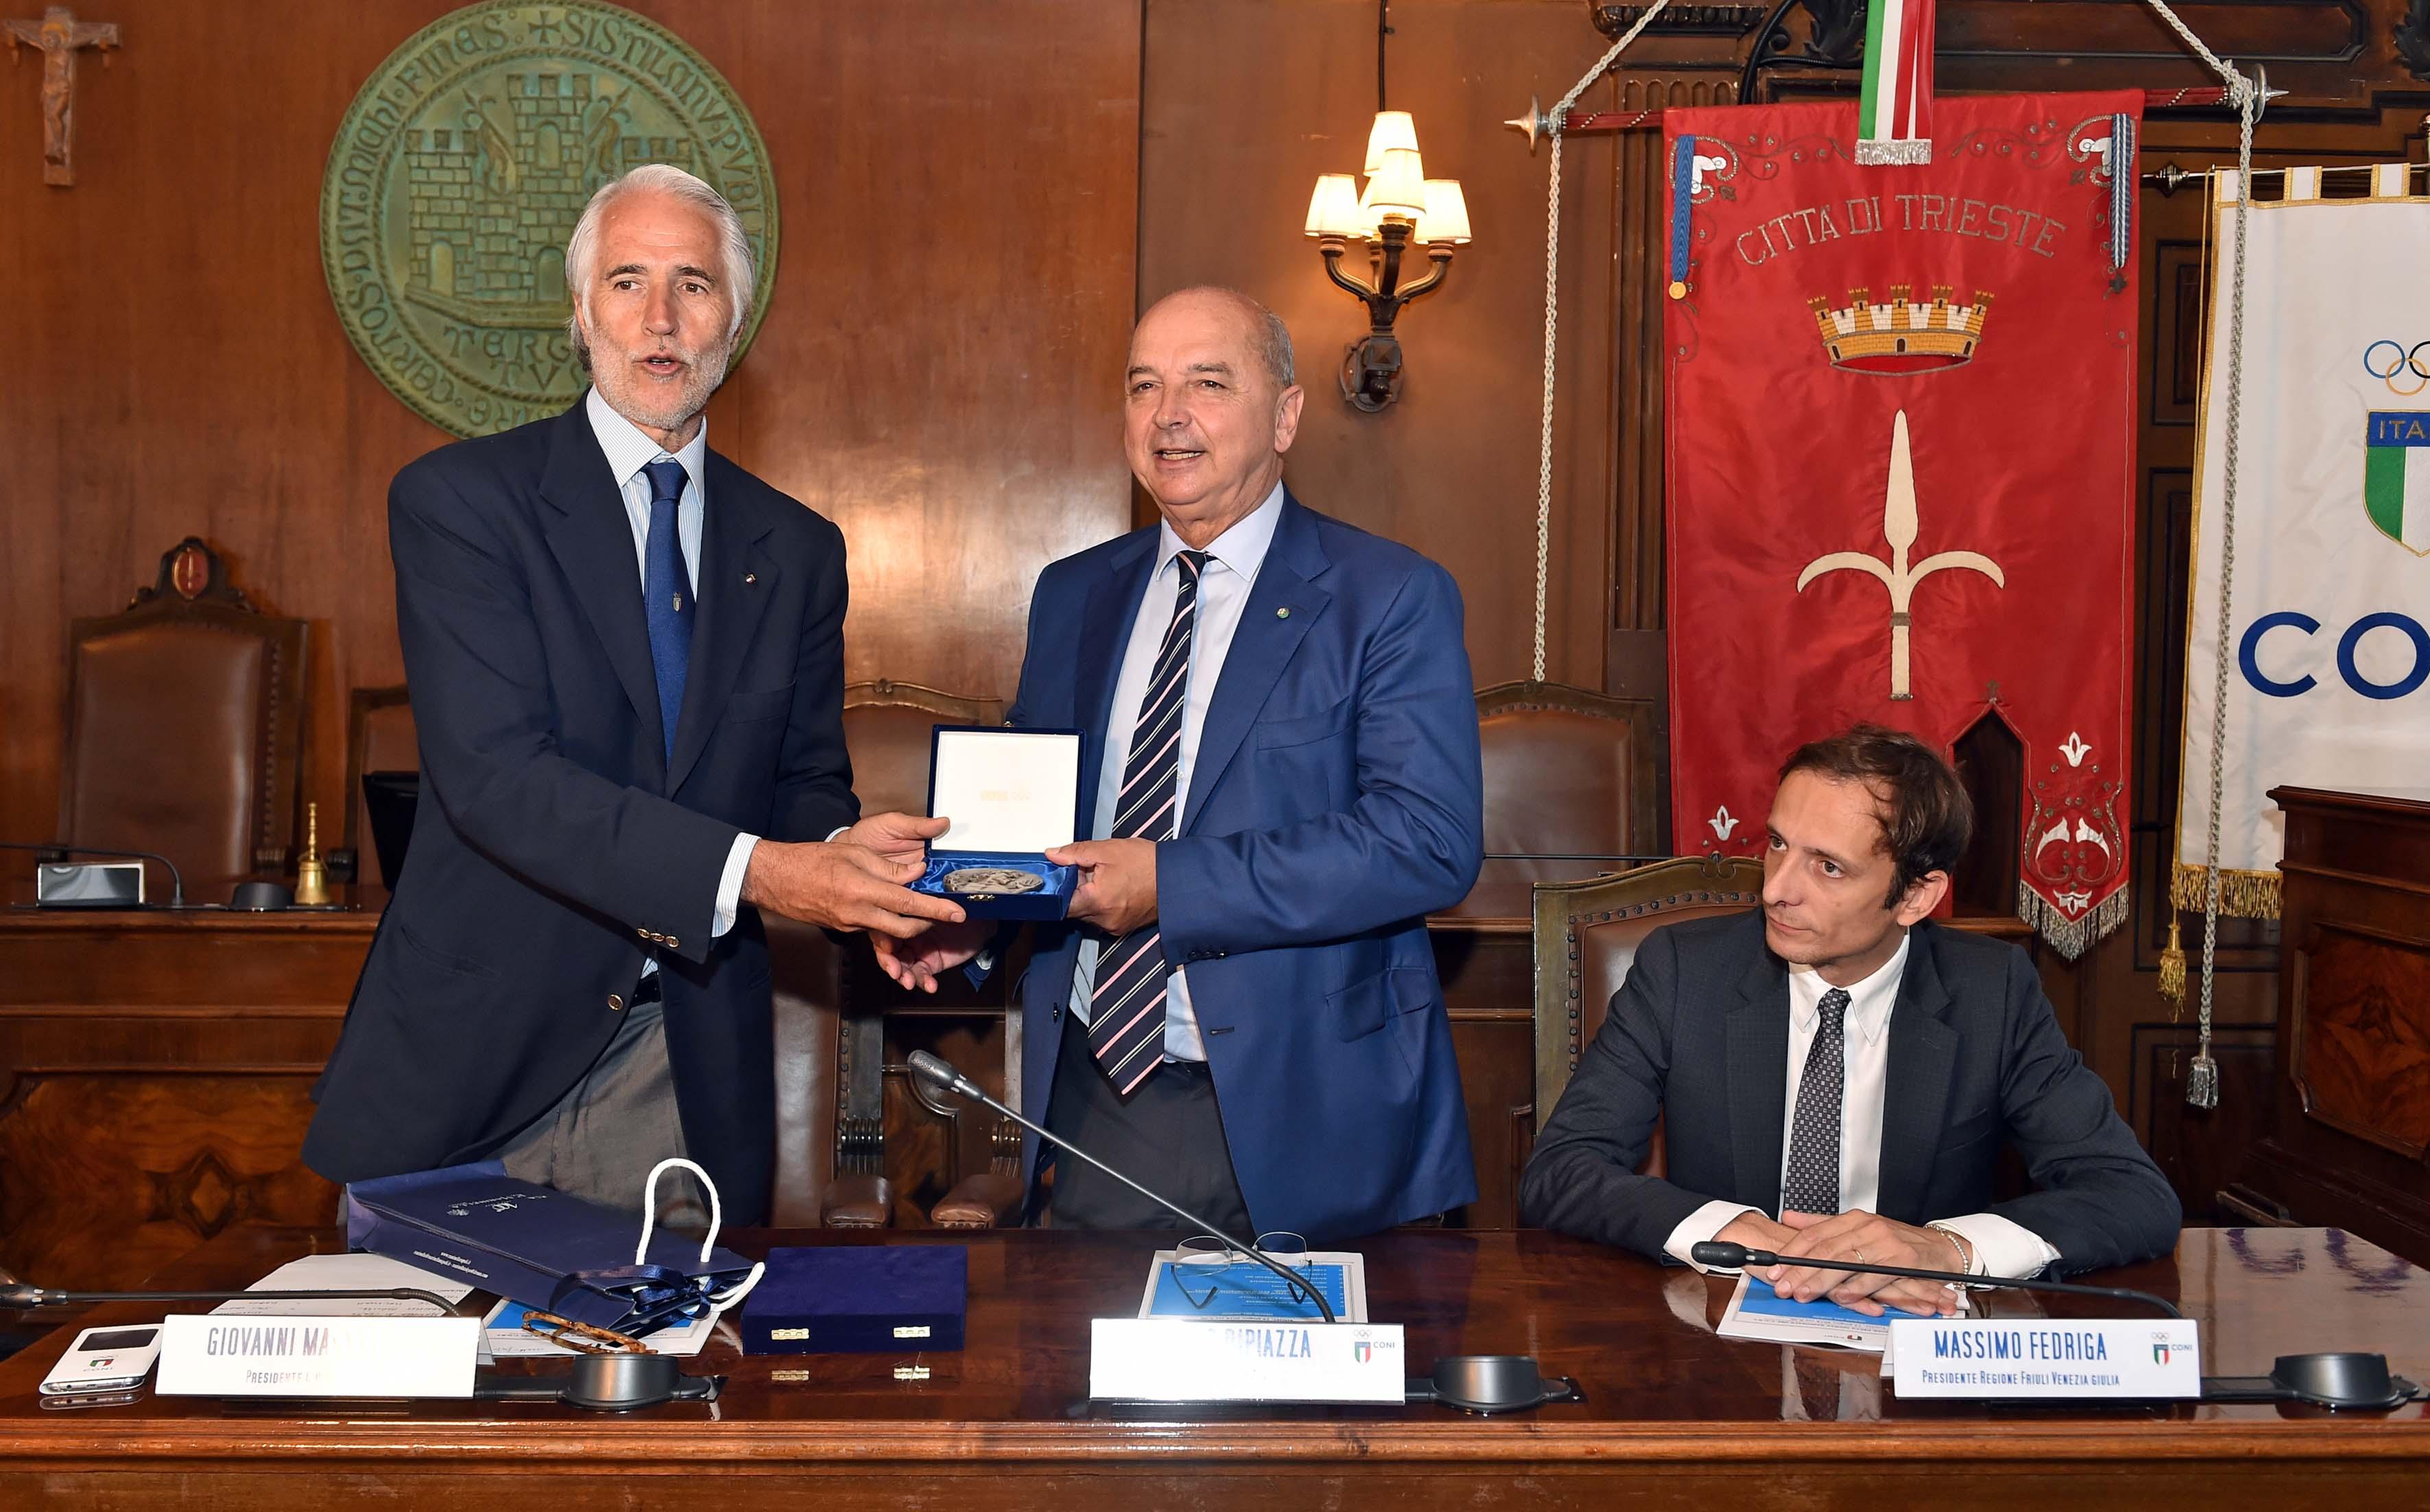 180612 0042 Trieste Giunta foto Simone Ferraro SFA_8582 copia